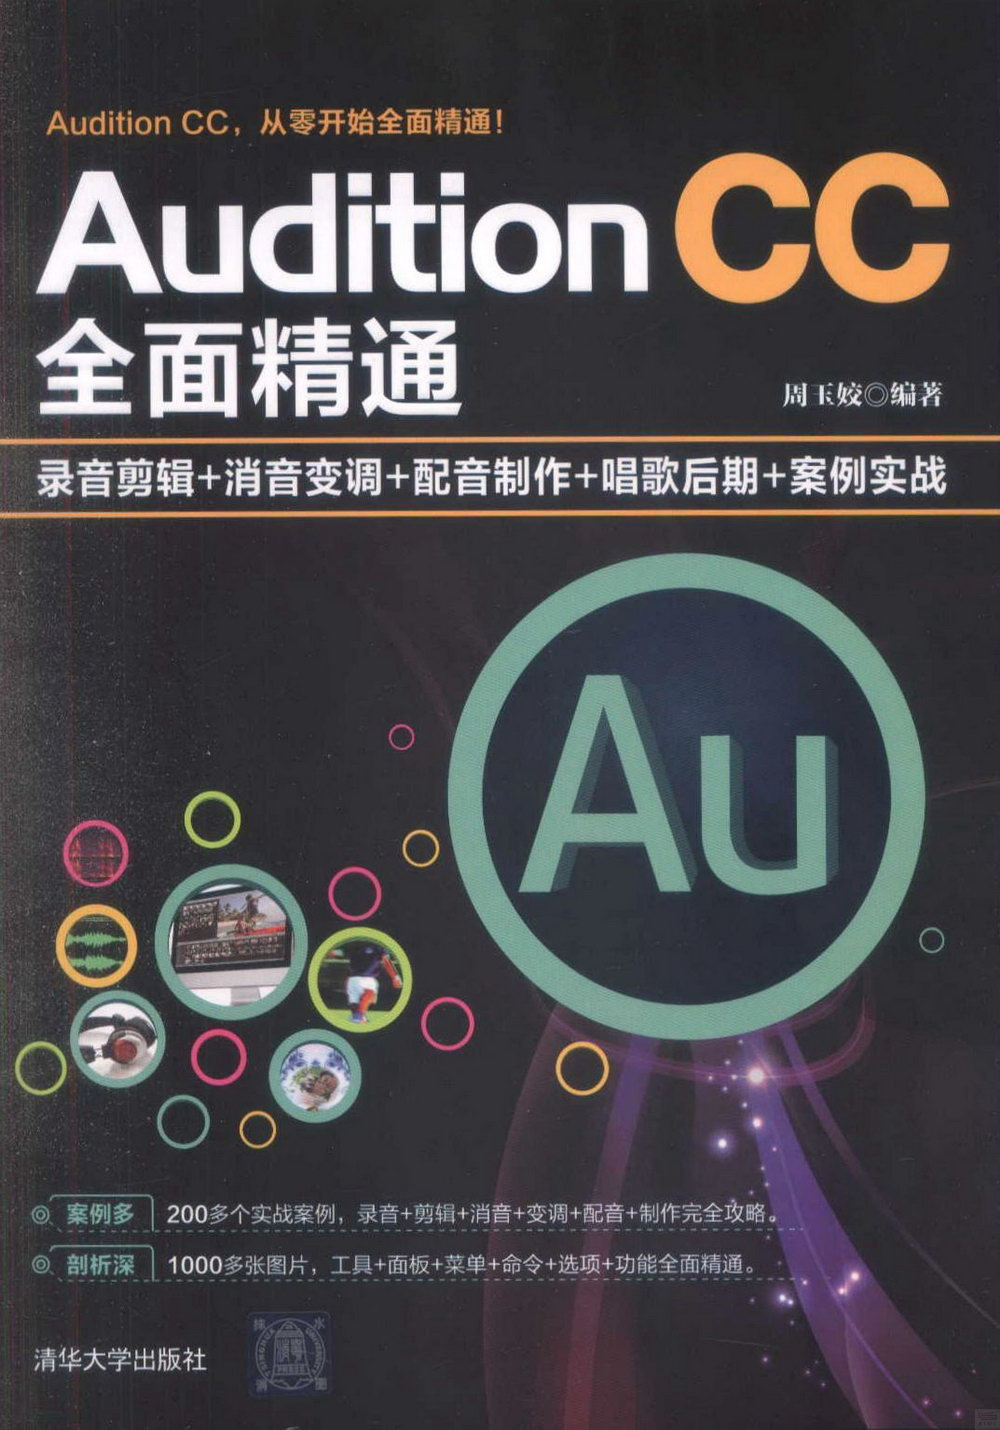 Audition CC全面精通:錄音剪輯+消音變調+配音製作+唱歌後期+案例實戰